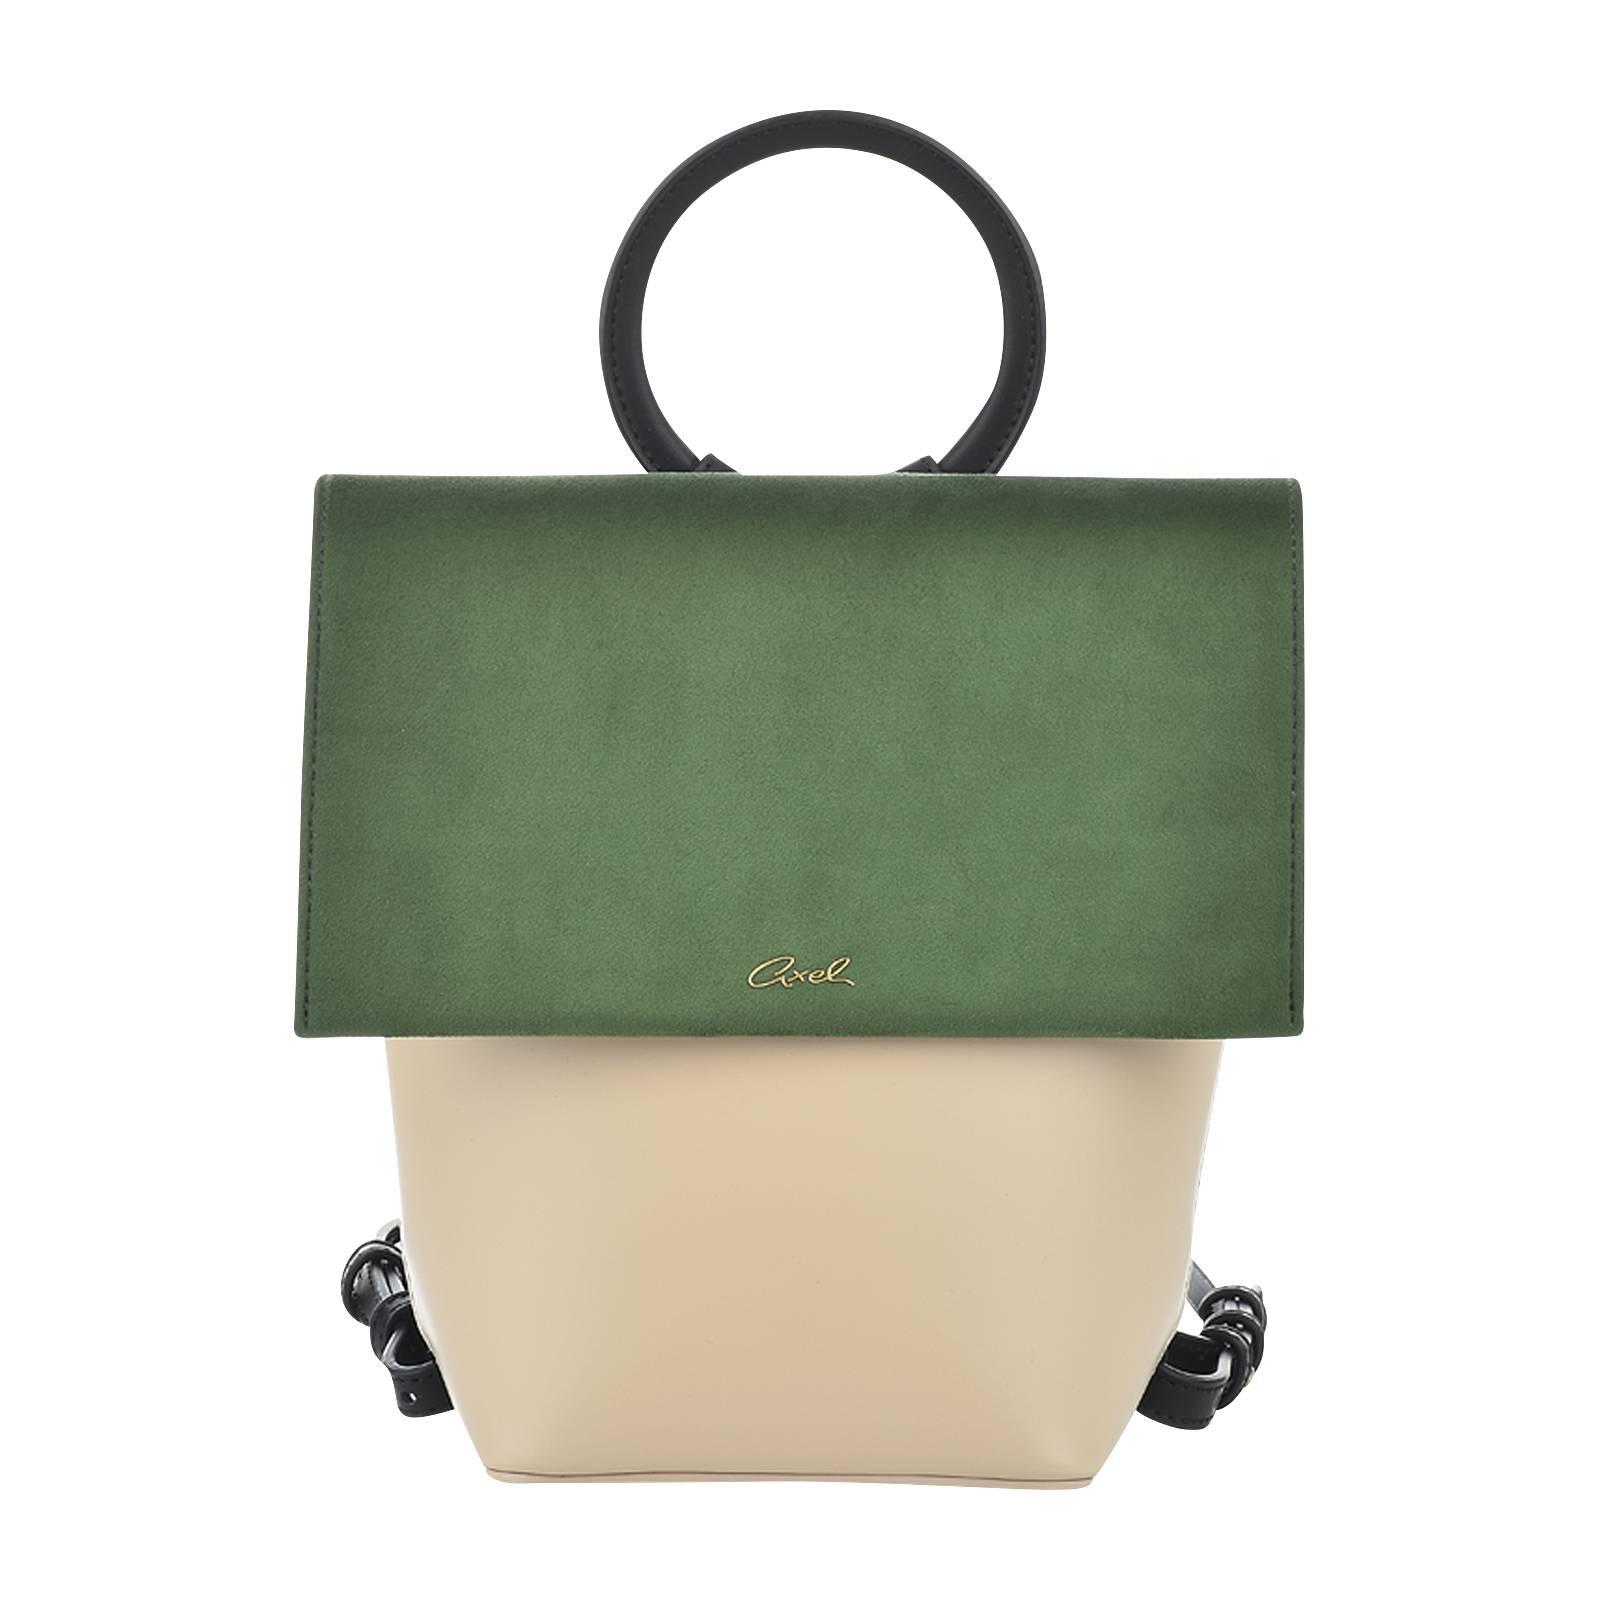 Regan - Γυναικεία τσάντα Axel από δερμα συνθετικο - Gianna Kazakou ... 9e8290cd00d